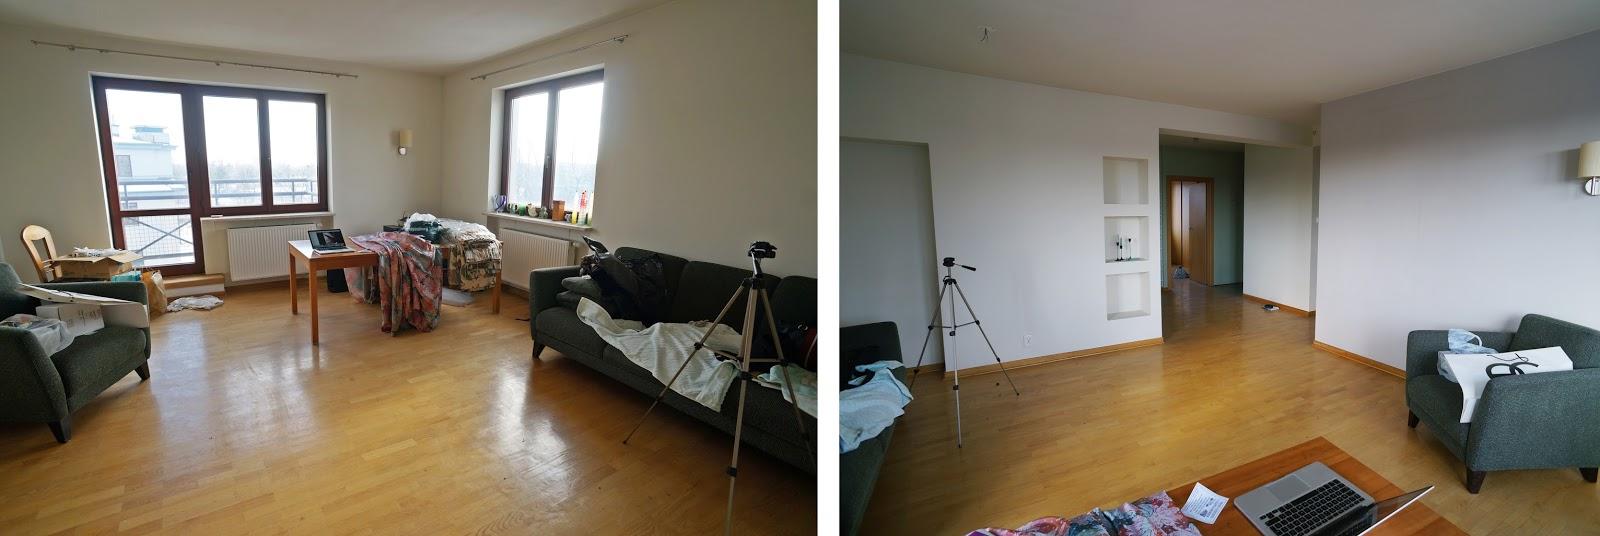 Mieszkanie  przed home stagingiem - podczas zaawansowanego kursu